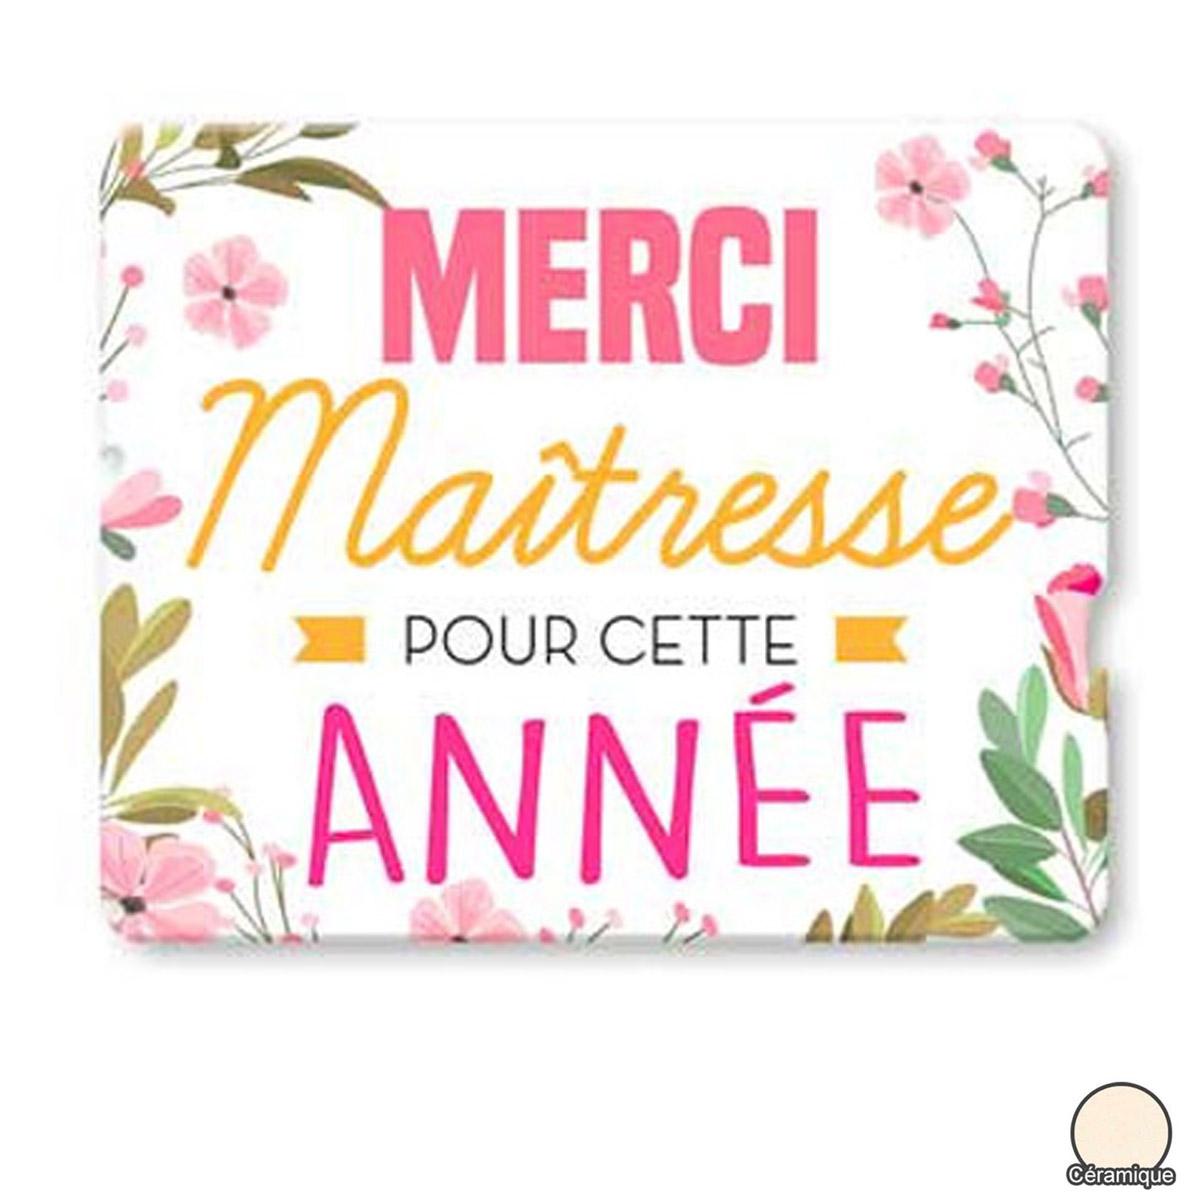 Magnet céramique \'Messages\' rose jaune (Merci Maîtresse pour cette année) - 8x6 cm - [R2535]